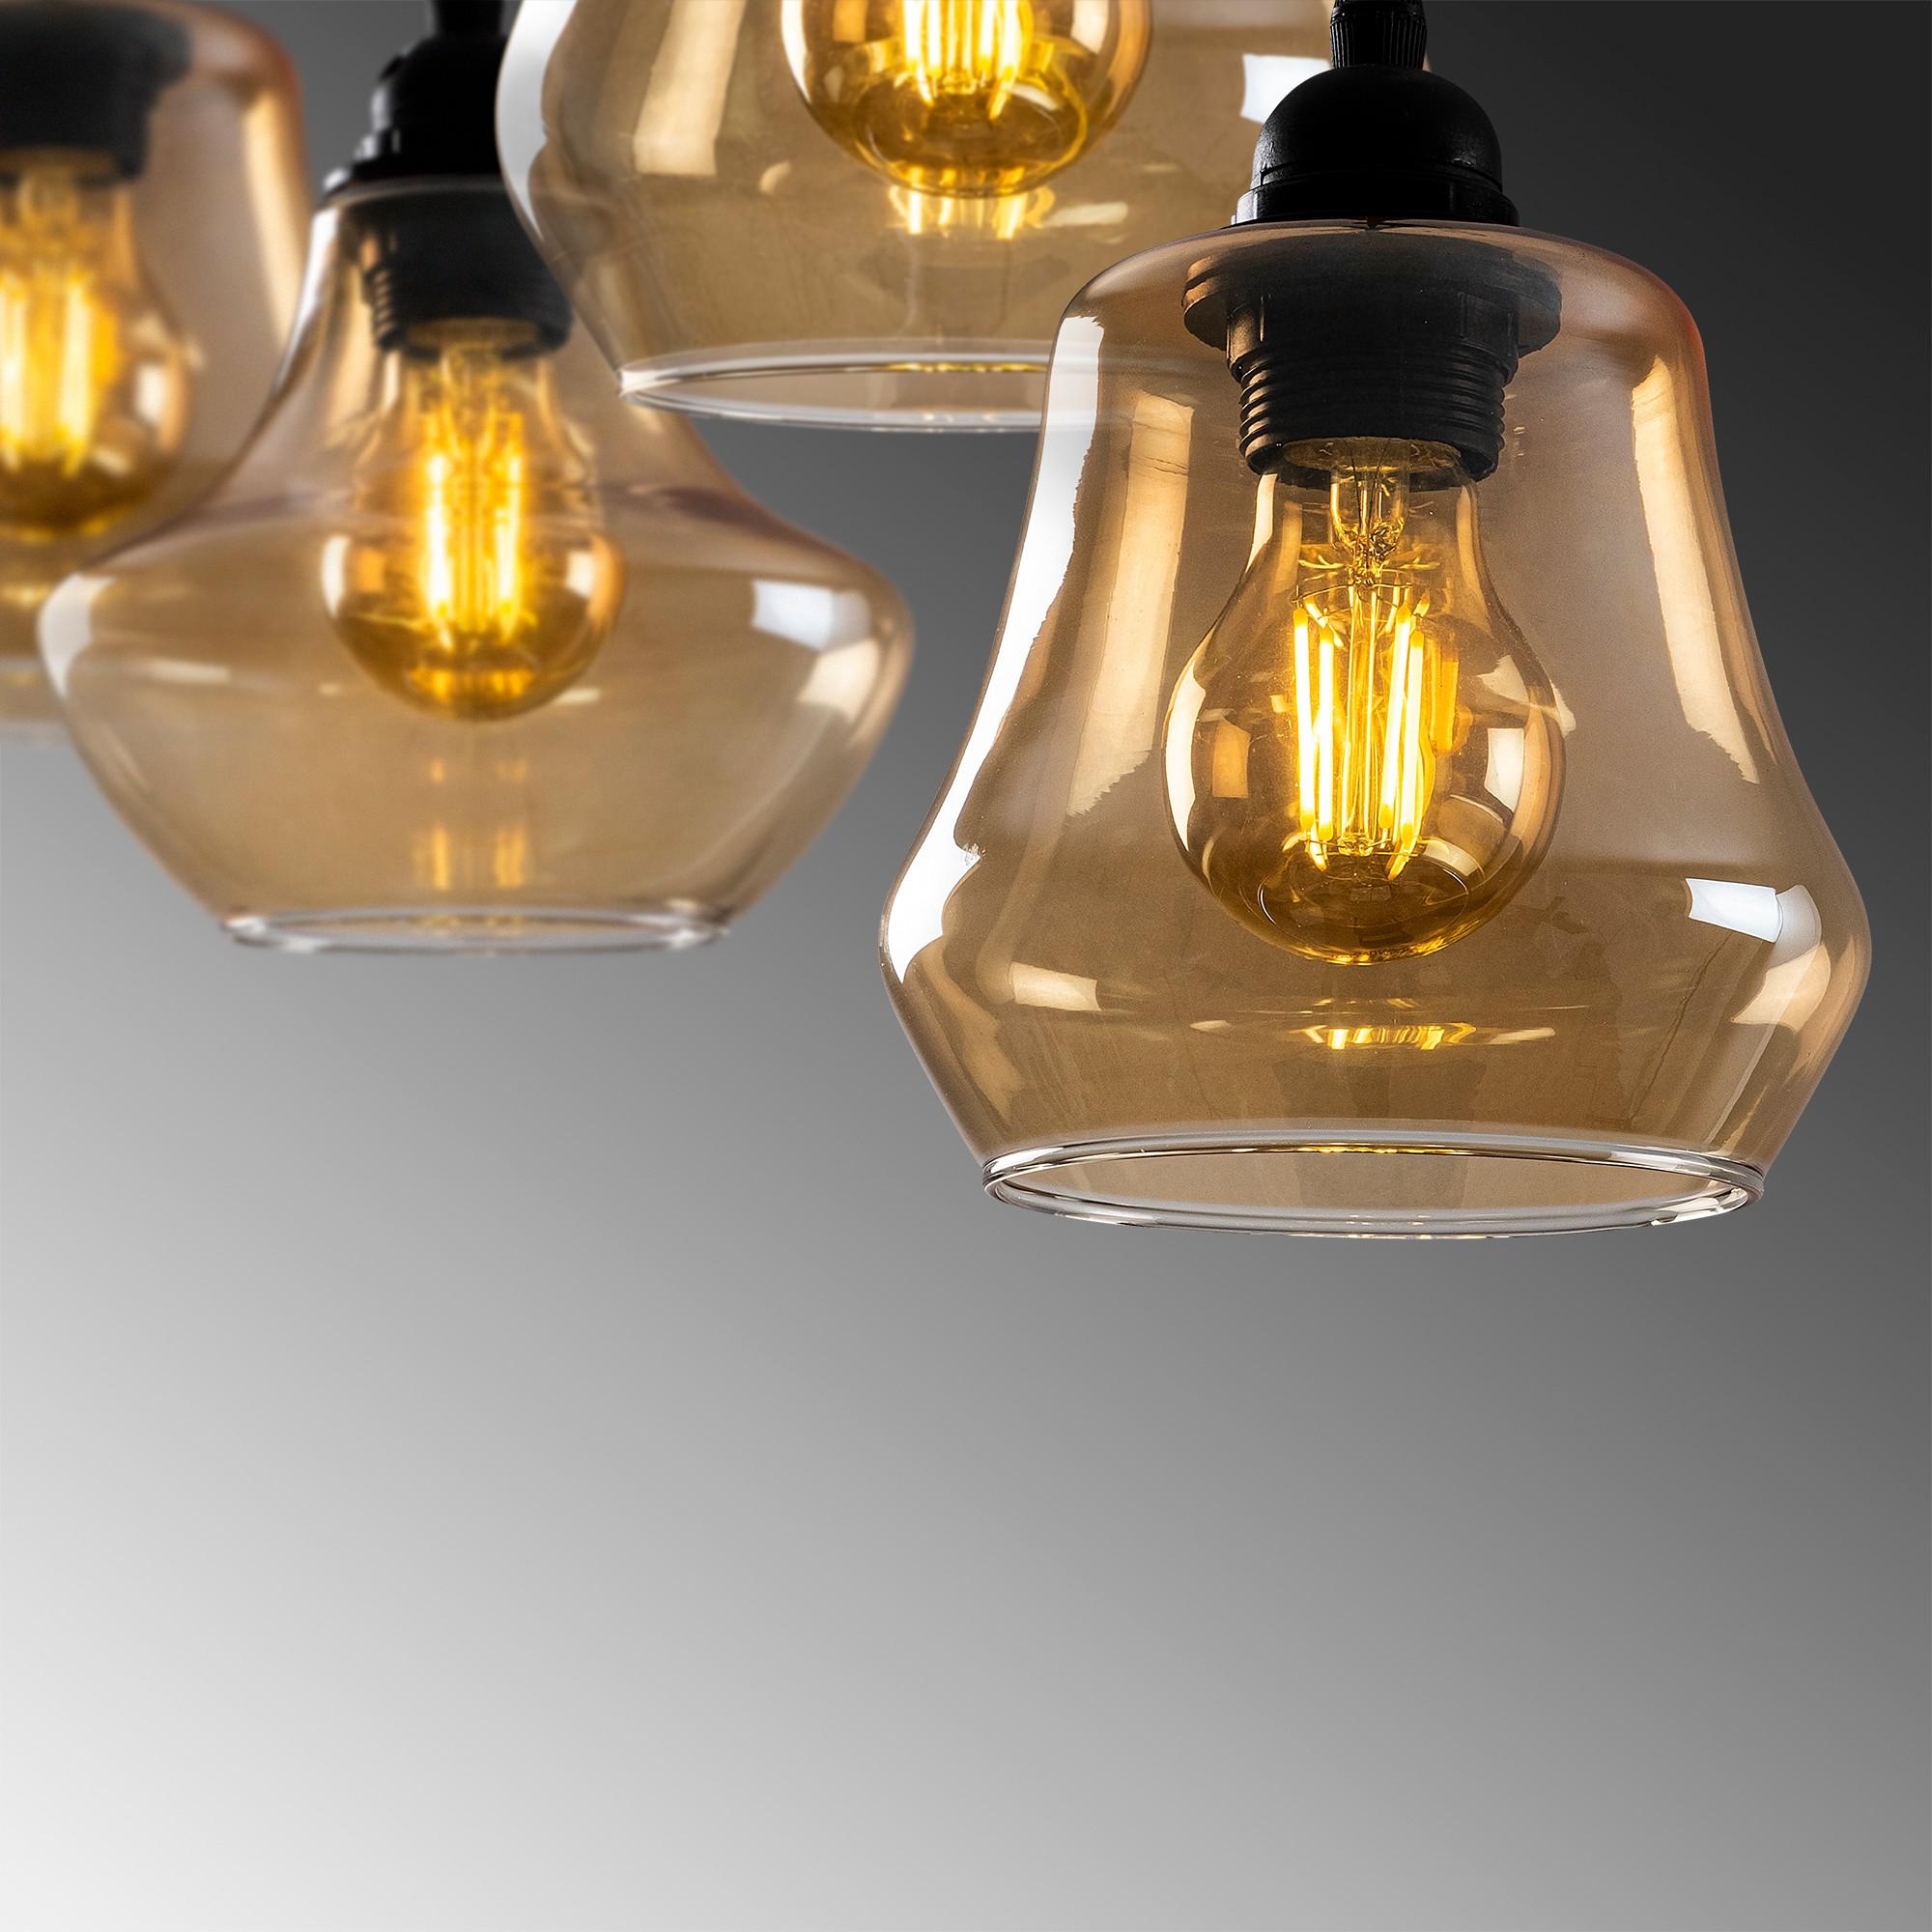 Hanglamp langwerpig modern, gouden glas E27 fitting 7 x - closeup